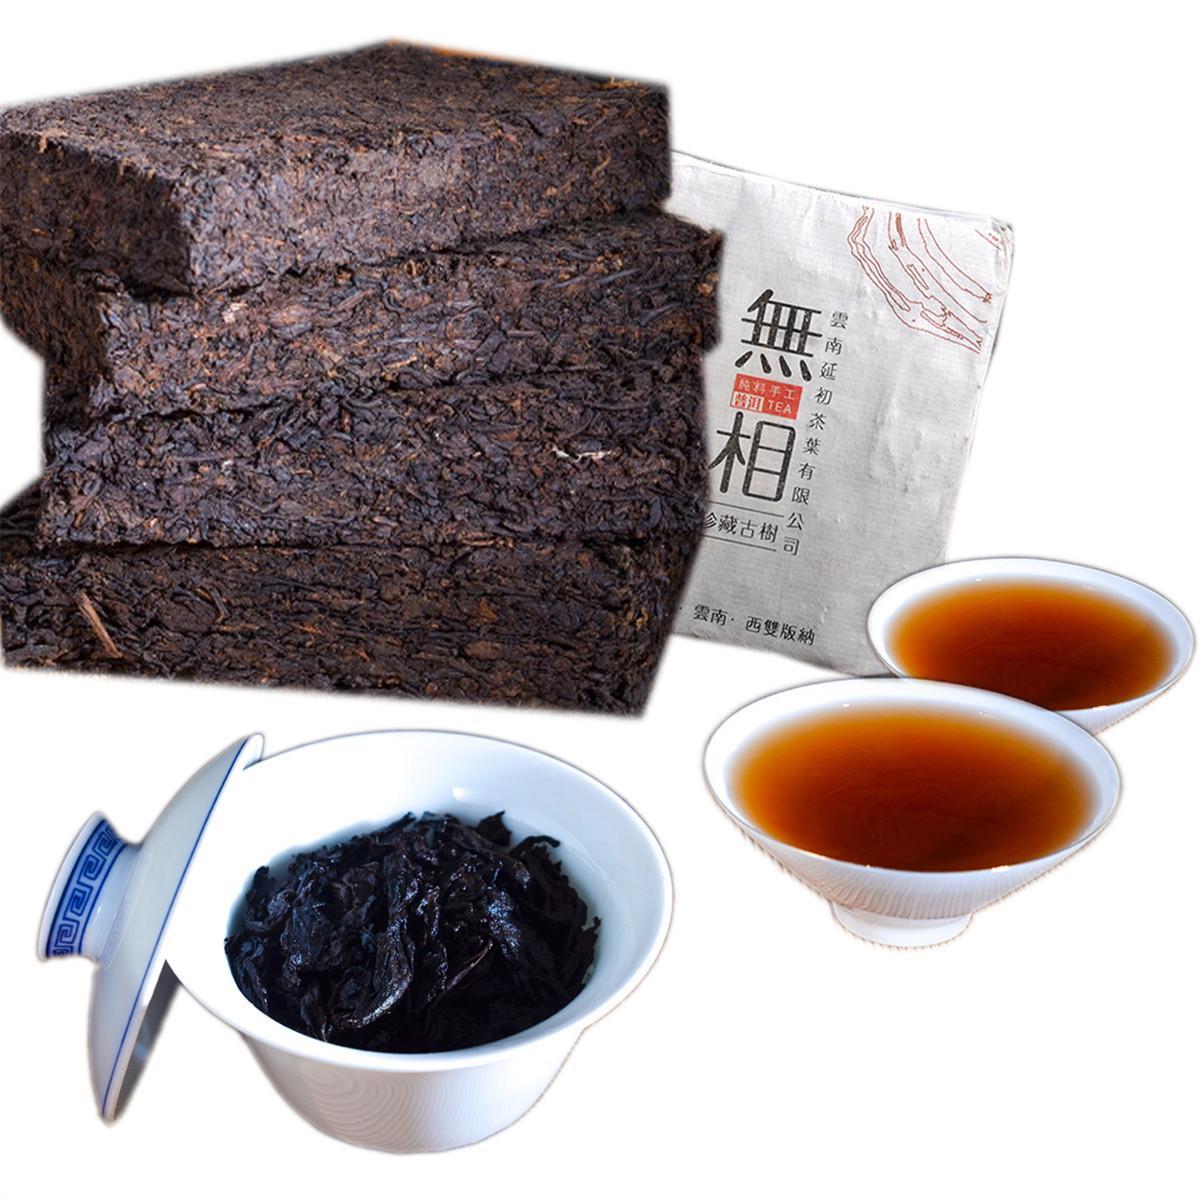 Предпочтение 250 г Юньнань коллекция сокровищ ручной работы Пуэр чай кирпич спелый Пуэр чай органический натуральный черный пуэр чай старое дерево вареный Пуэр